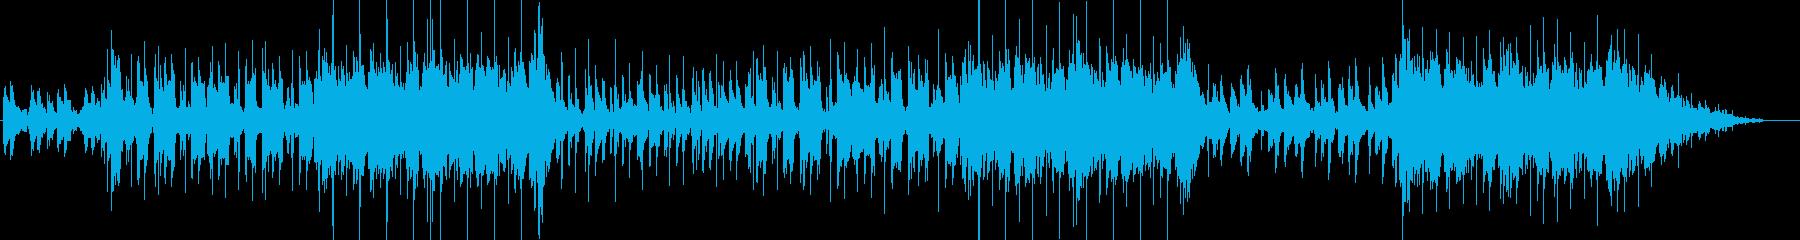 ピアノと声がメインの雄大なビートトラックの再生済みの波形